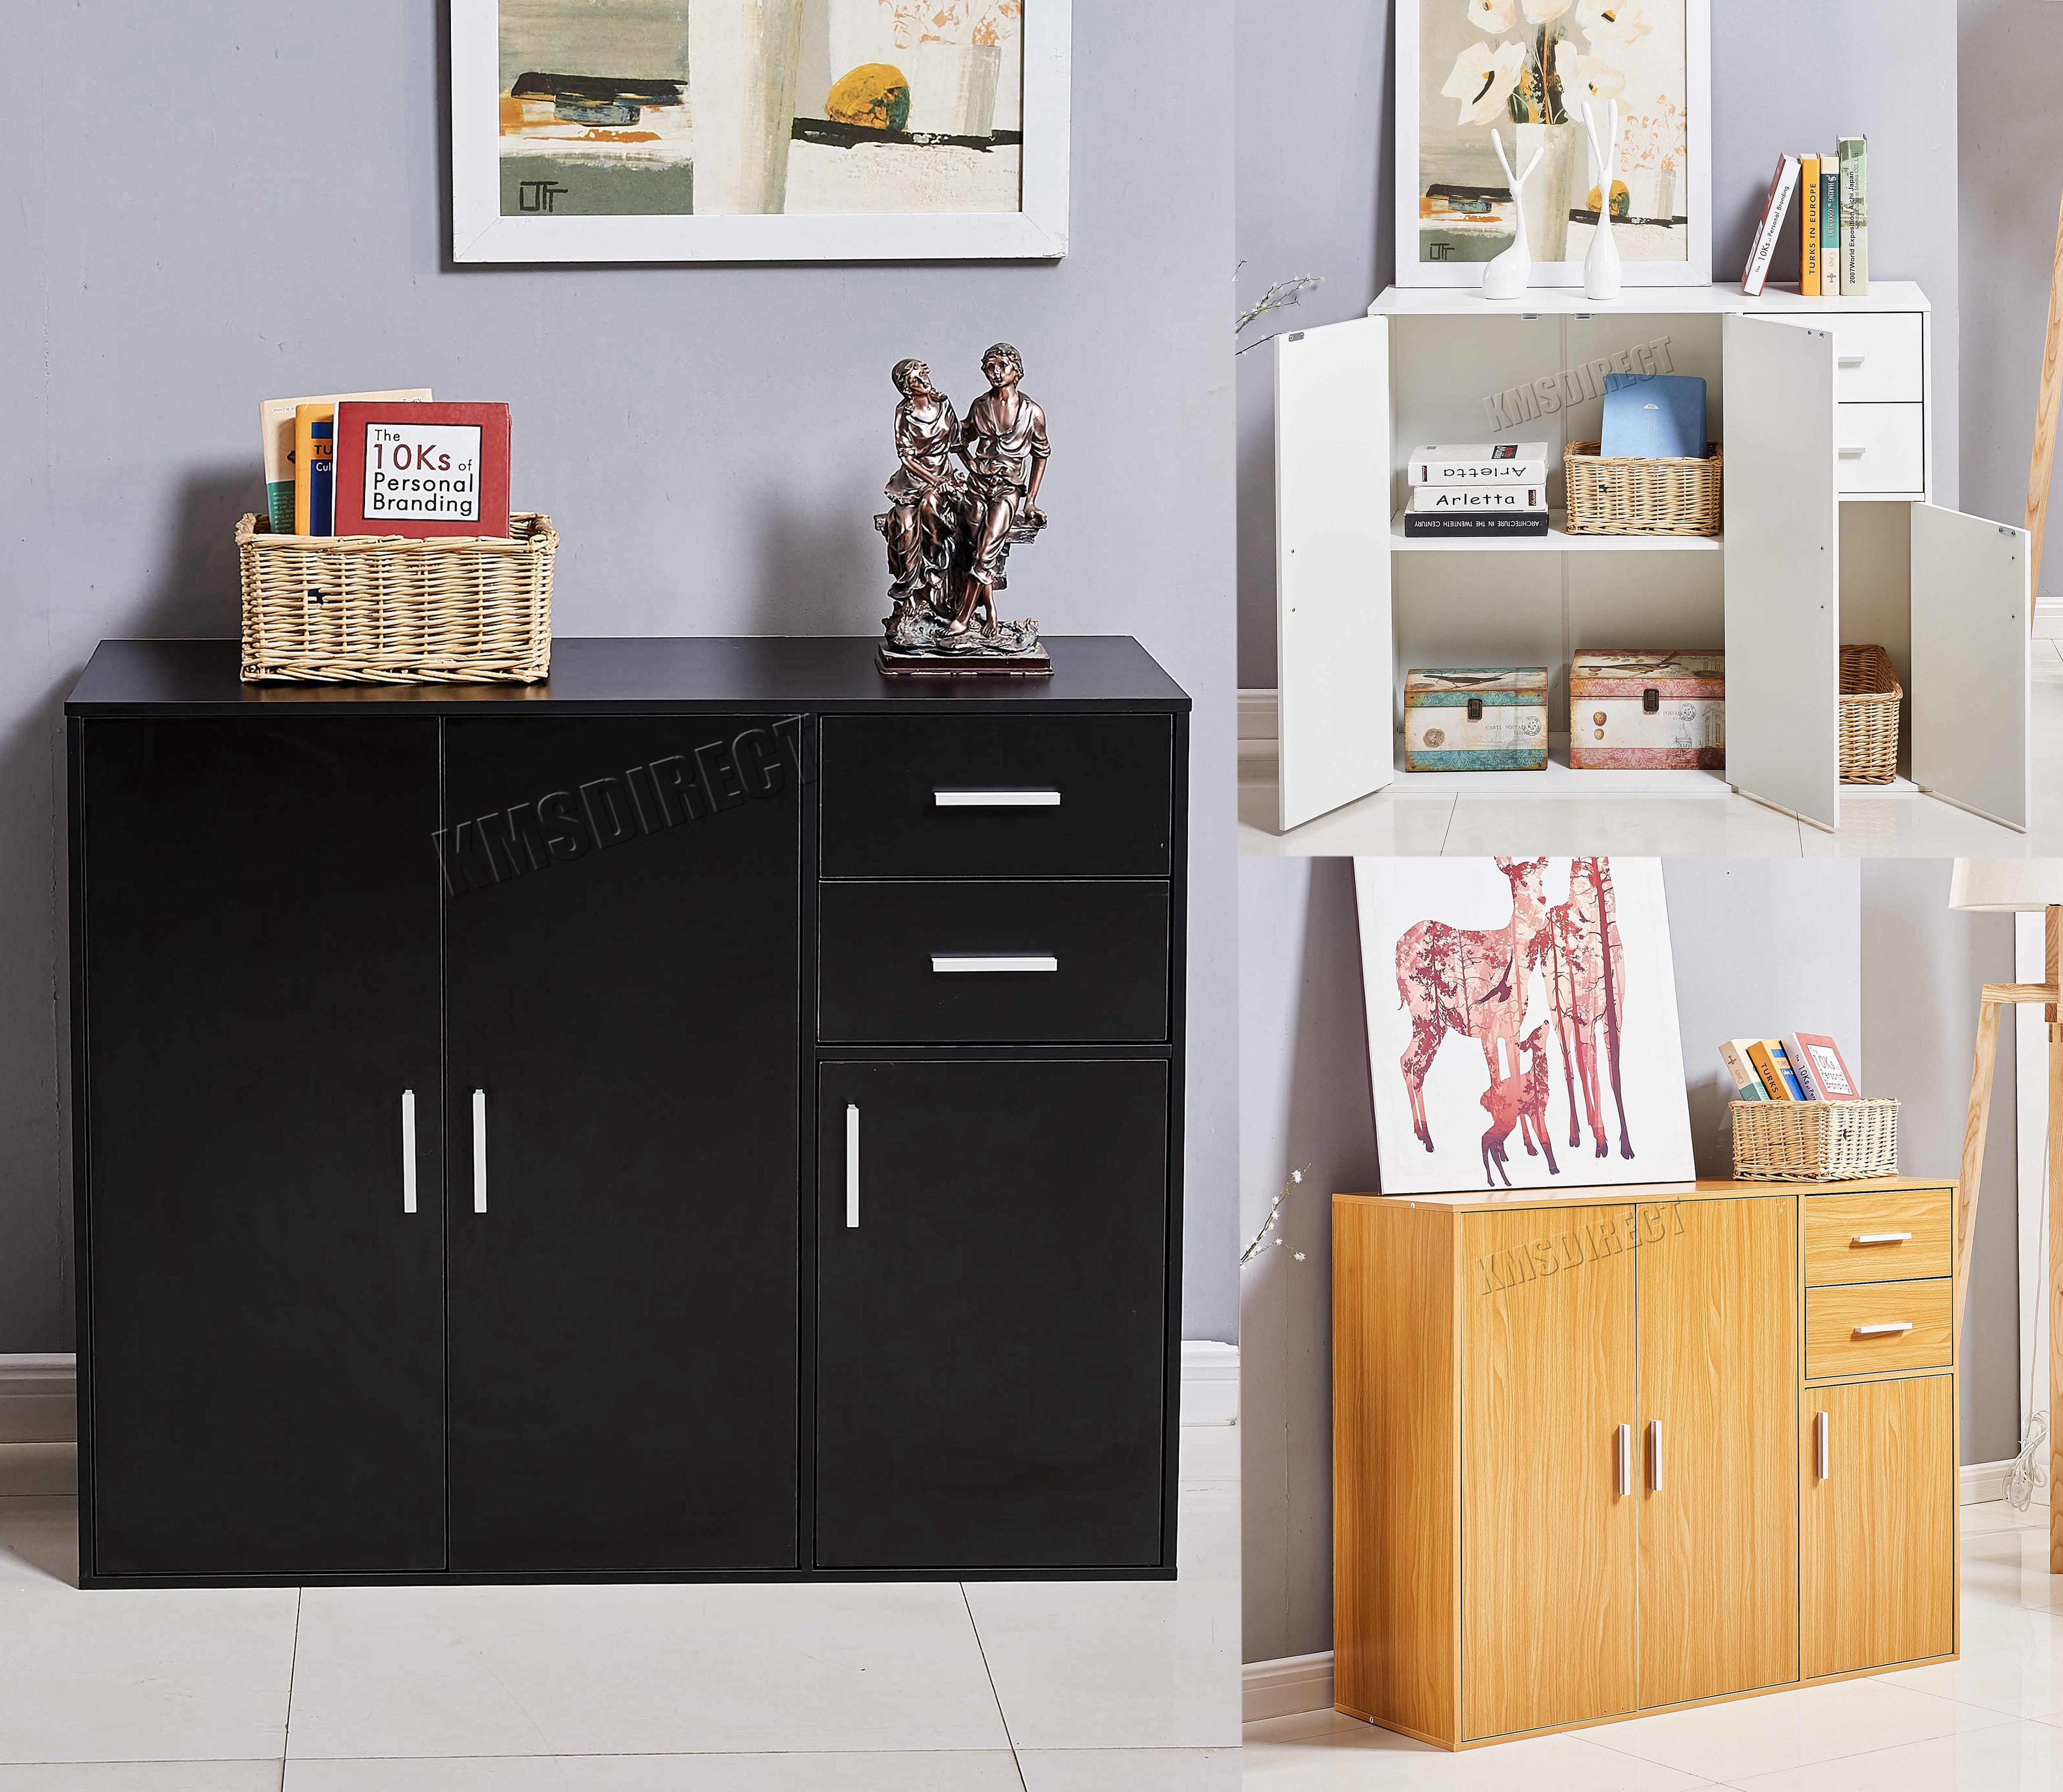 westwood kommode schrank aufbewahrung geschirr k che einheit pb ssp01 neu ebay. Black Bedroom Furniture Sets. Home Design Ideas